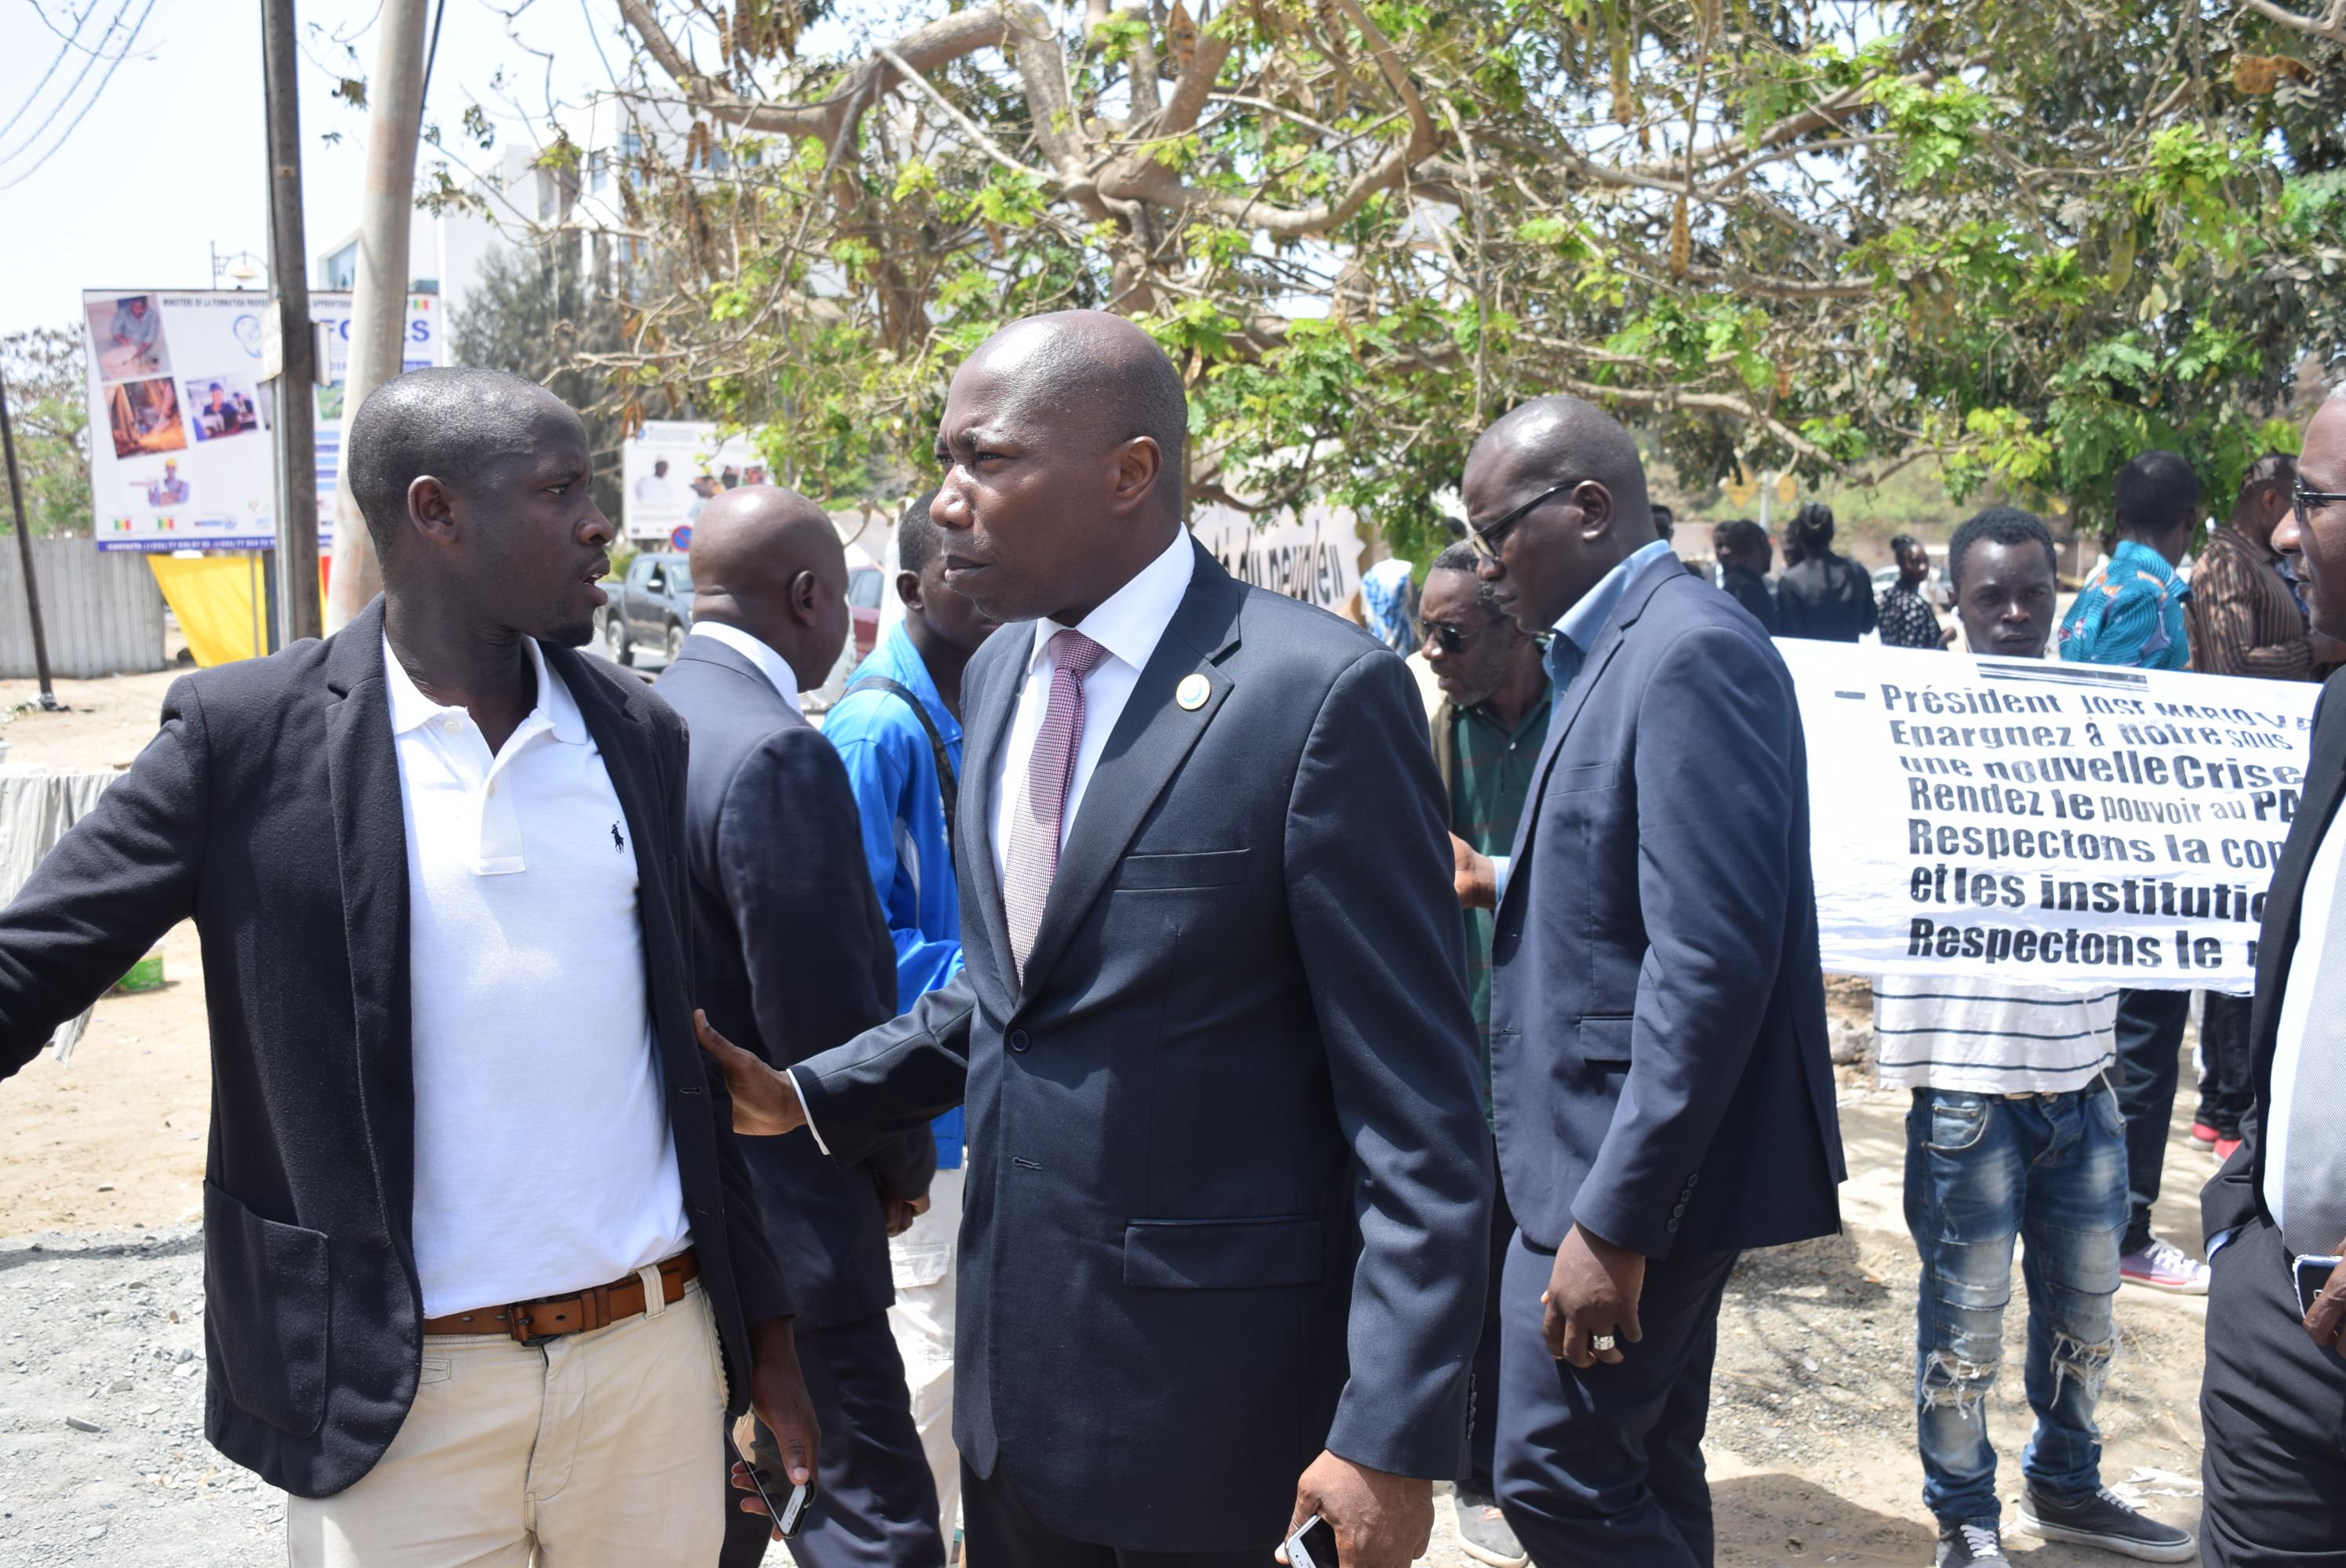 Le Premier ministre démis de la Guinée Bissau, Domingos Simoes Pereira sur la crise politique de son pays : «Arrêtons de trouver une excuse extérieure à nos problèmes intérieurs »